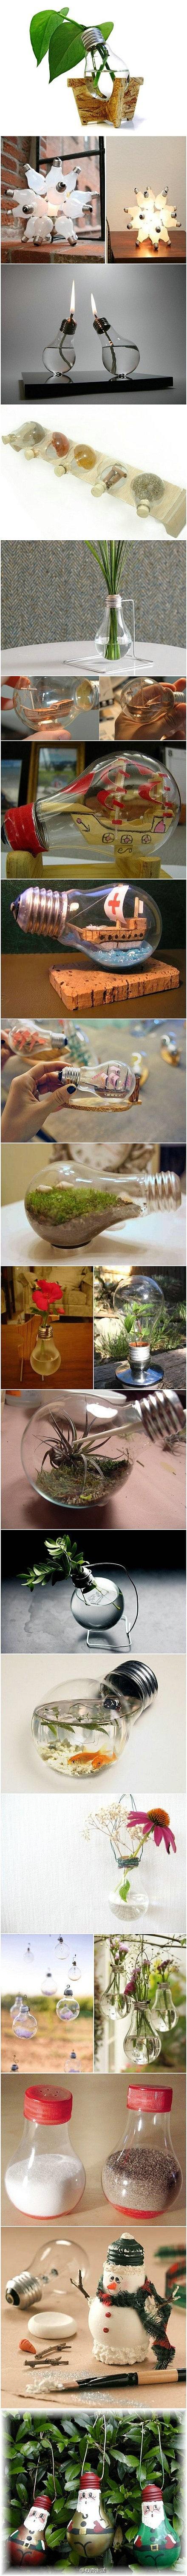 Idées pour recycler vos ampoules a incandescence